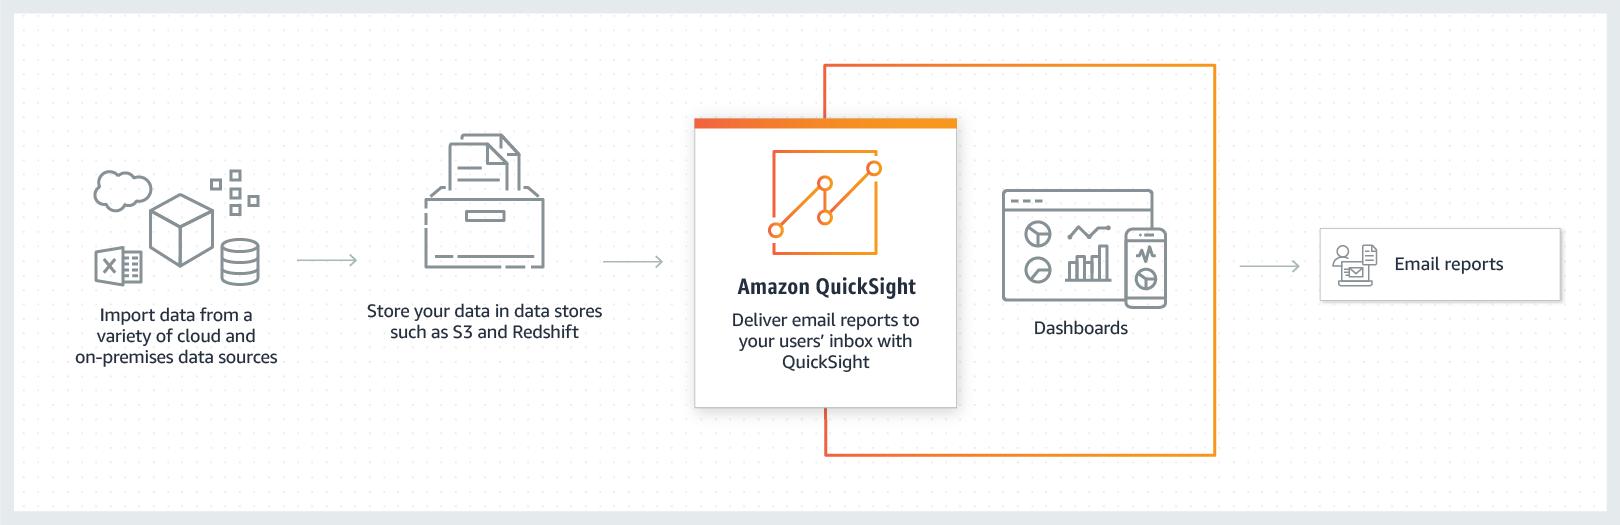 通过电子邮件向 Amazon QuickSight 用户提供报告